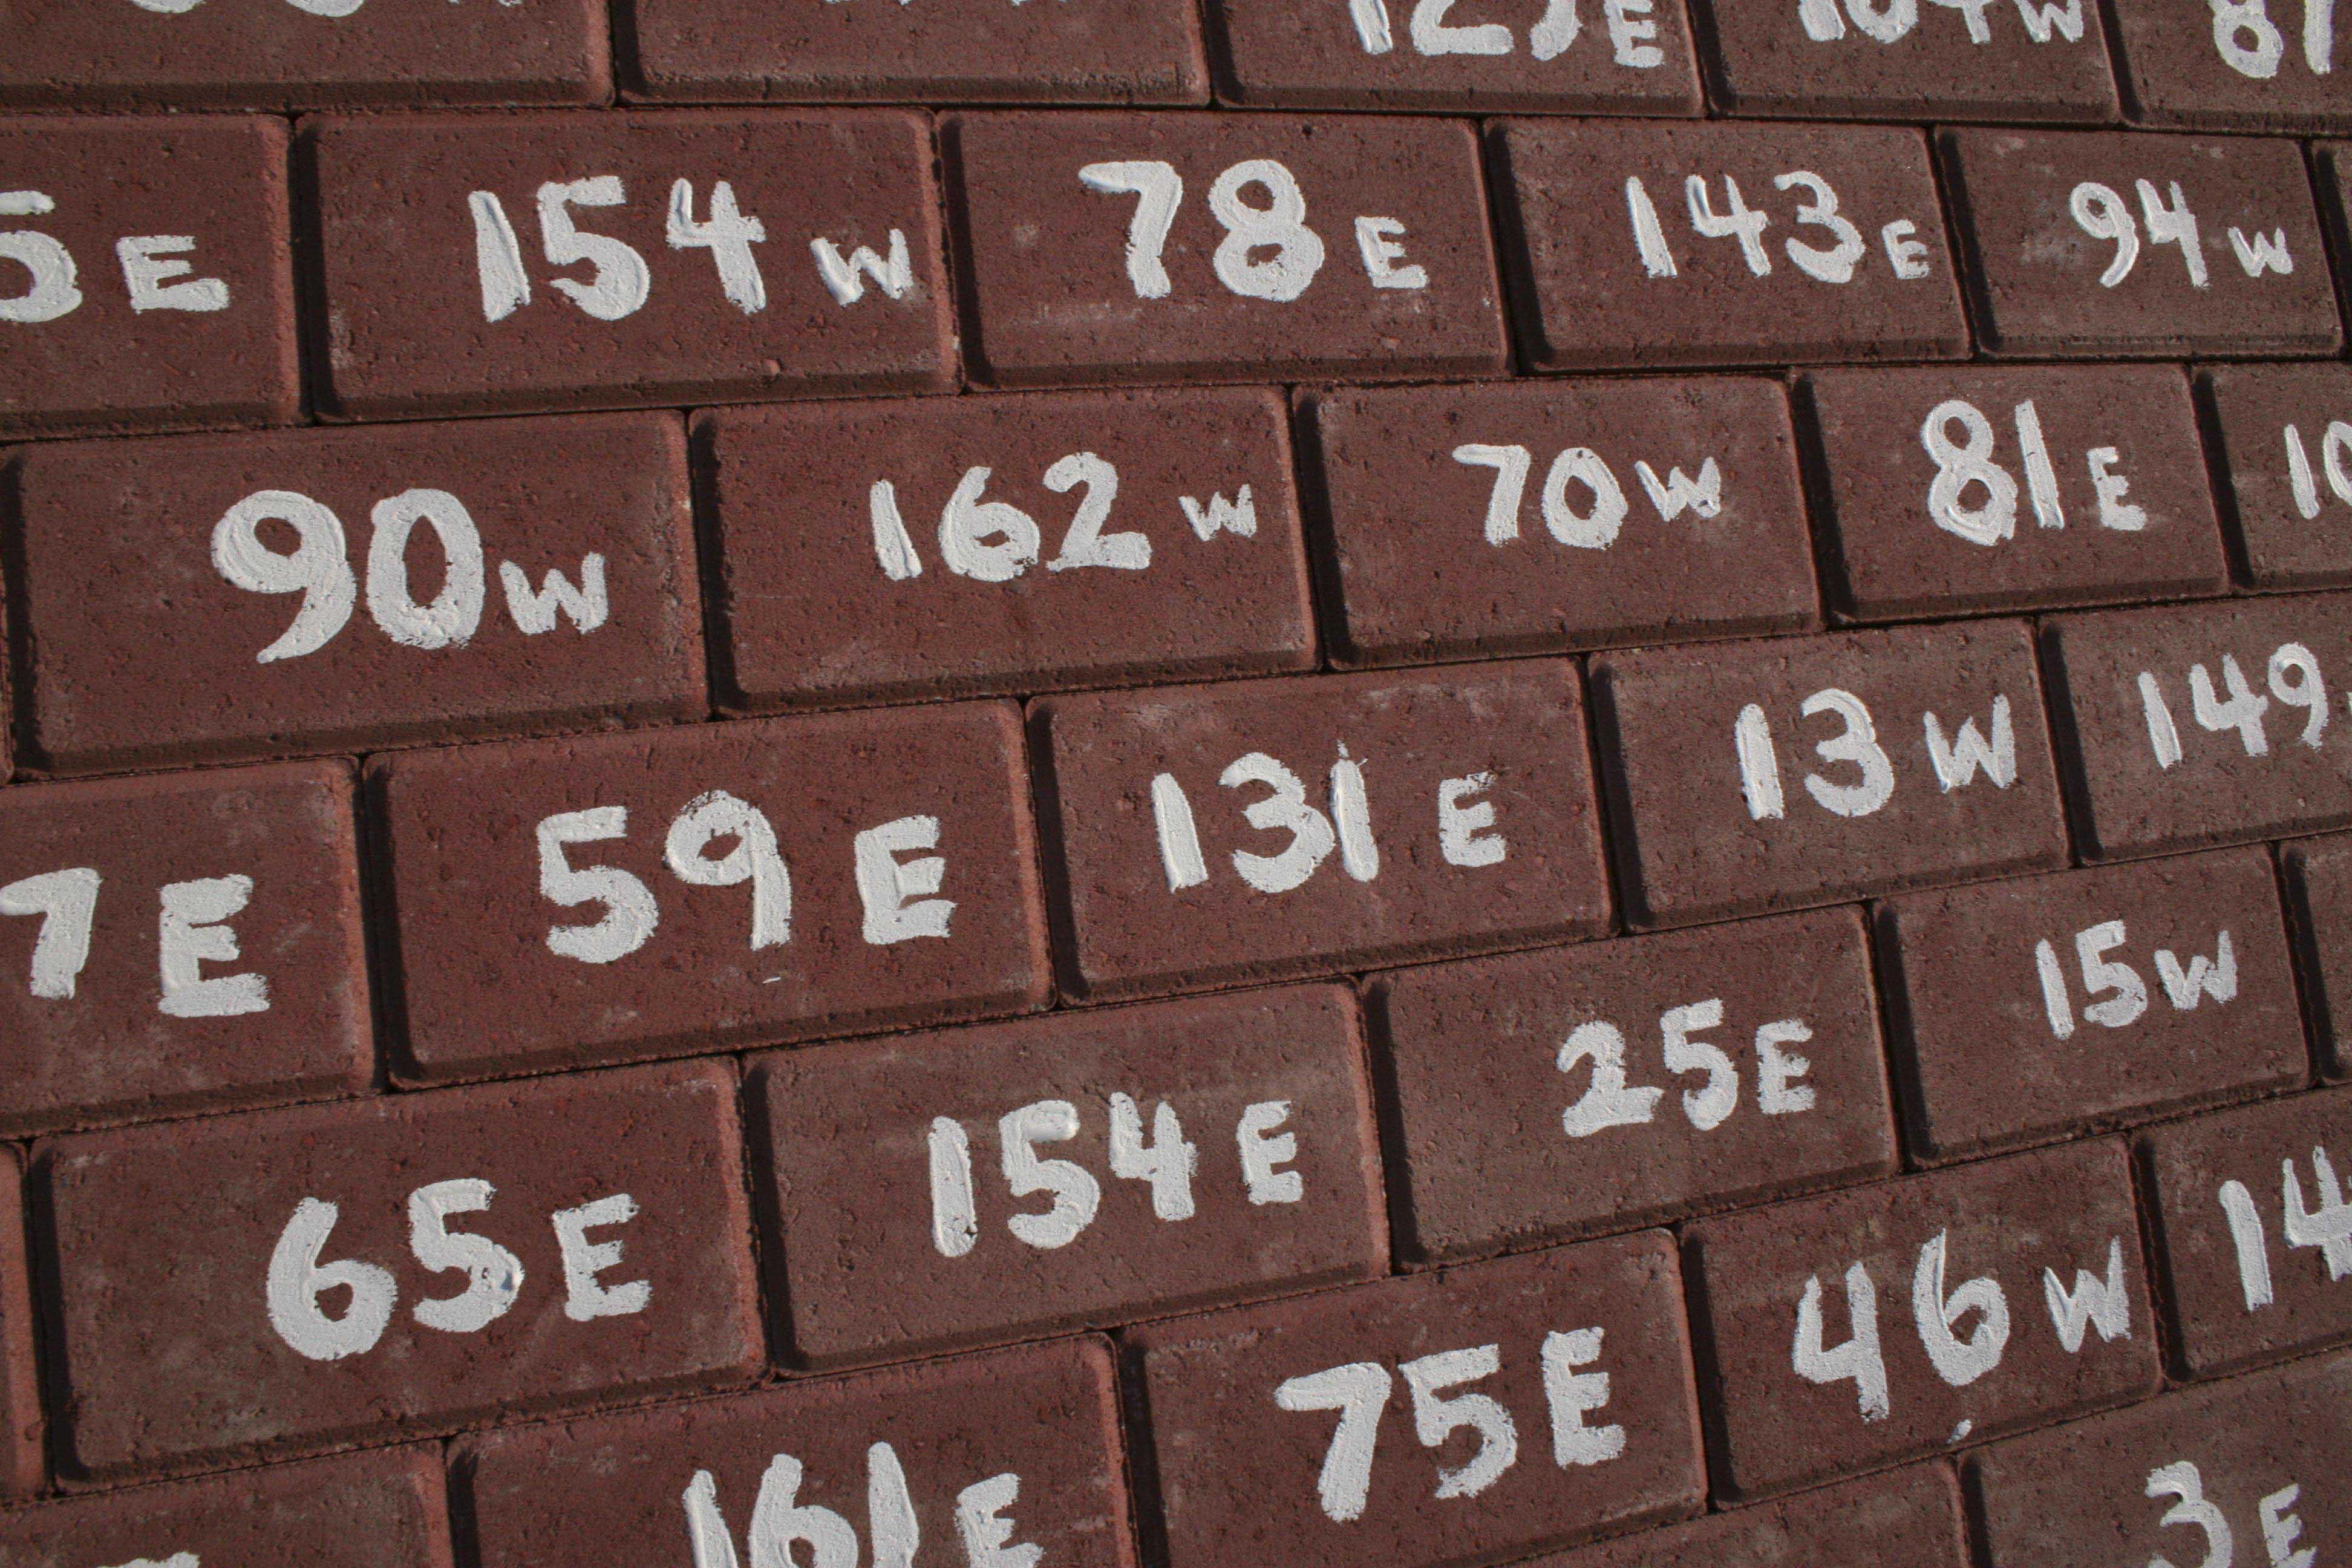 Life Wall (Brick detail)